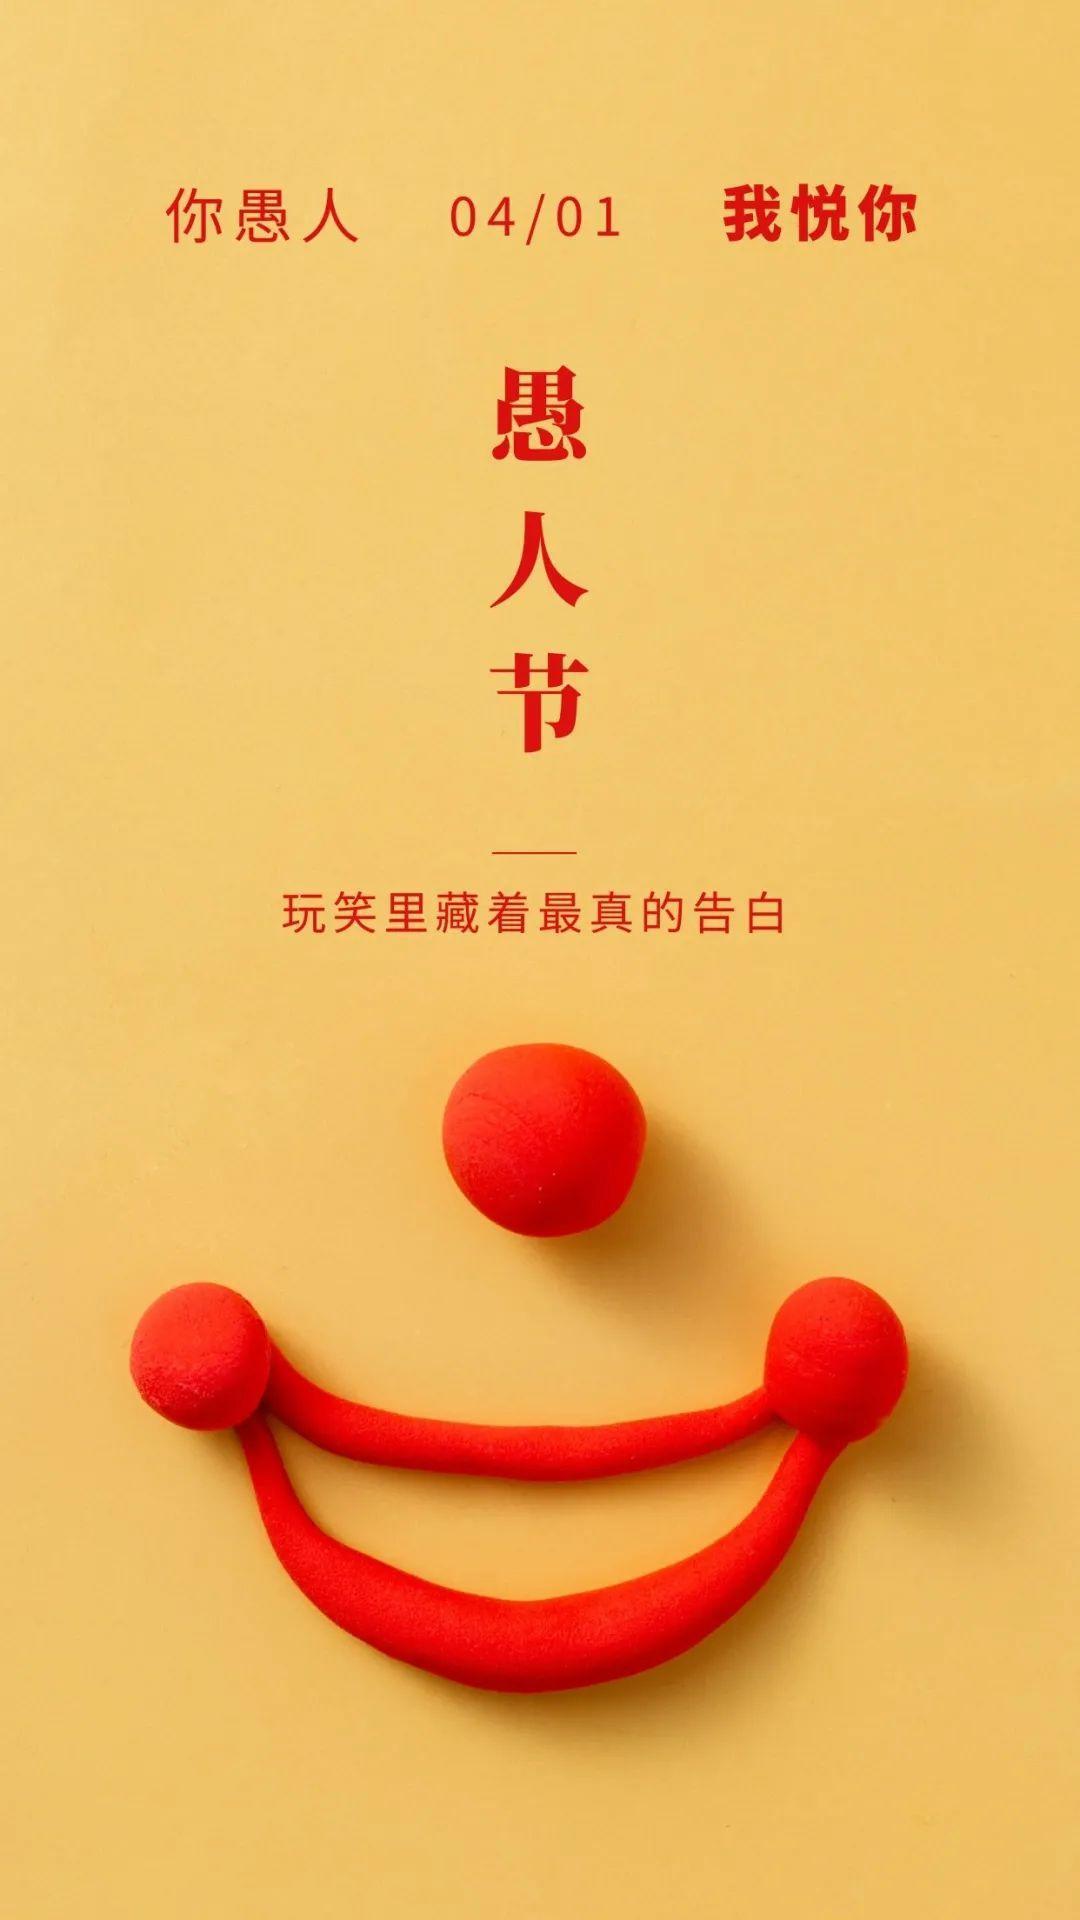 愚人节海报、公众号封面文案免费用:愚人,不如悦己插图21